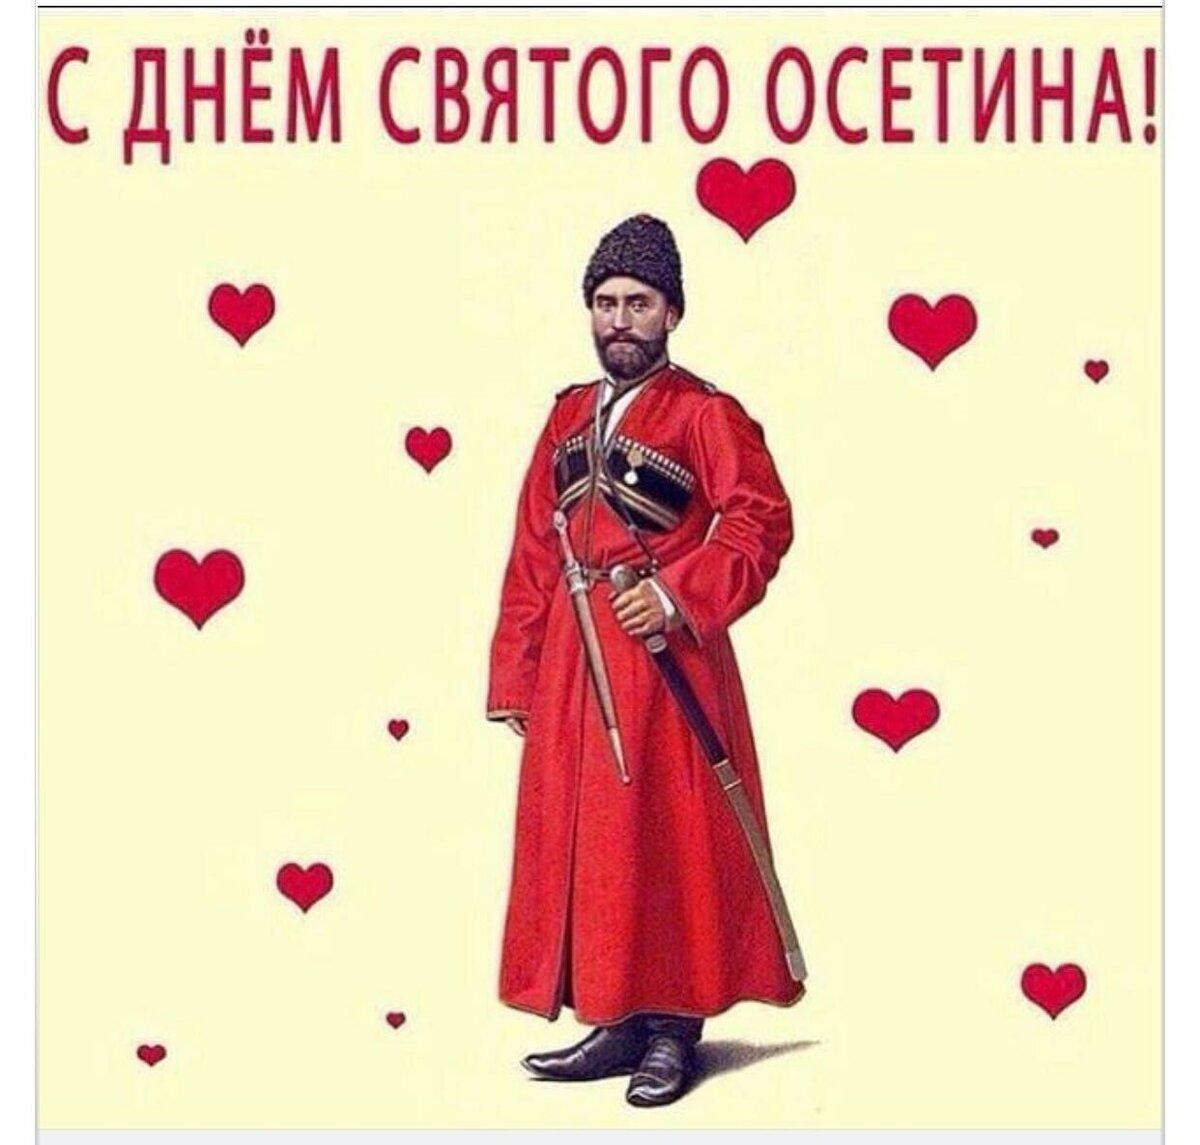 Открытки с днем святого валентина приколы, грузчика